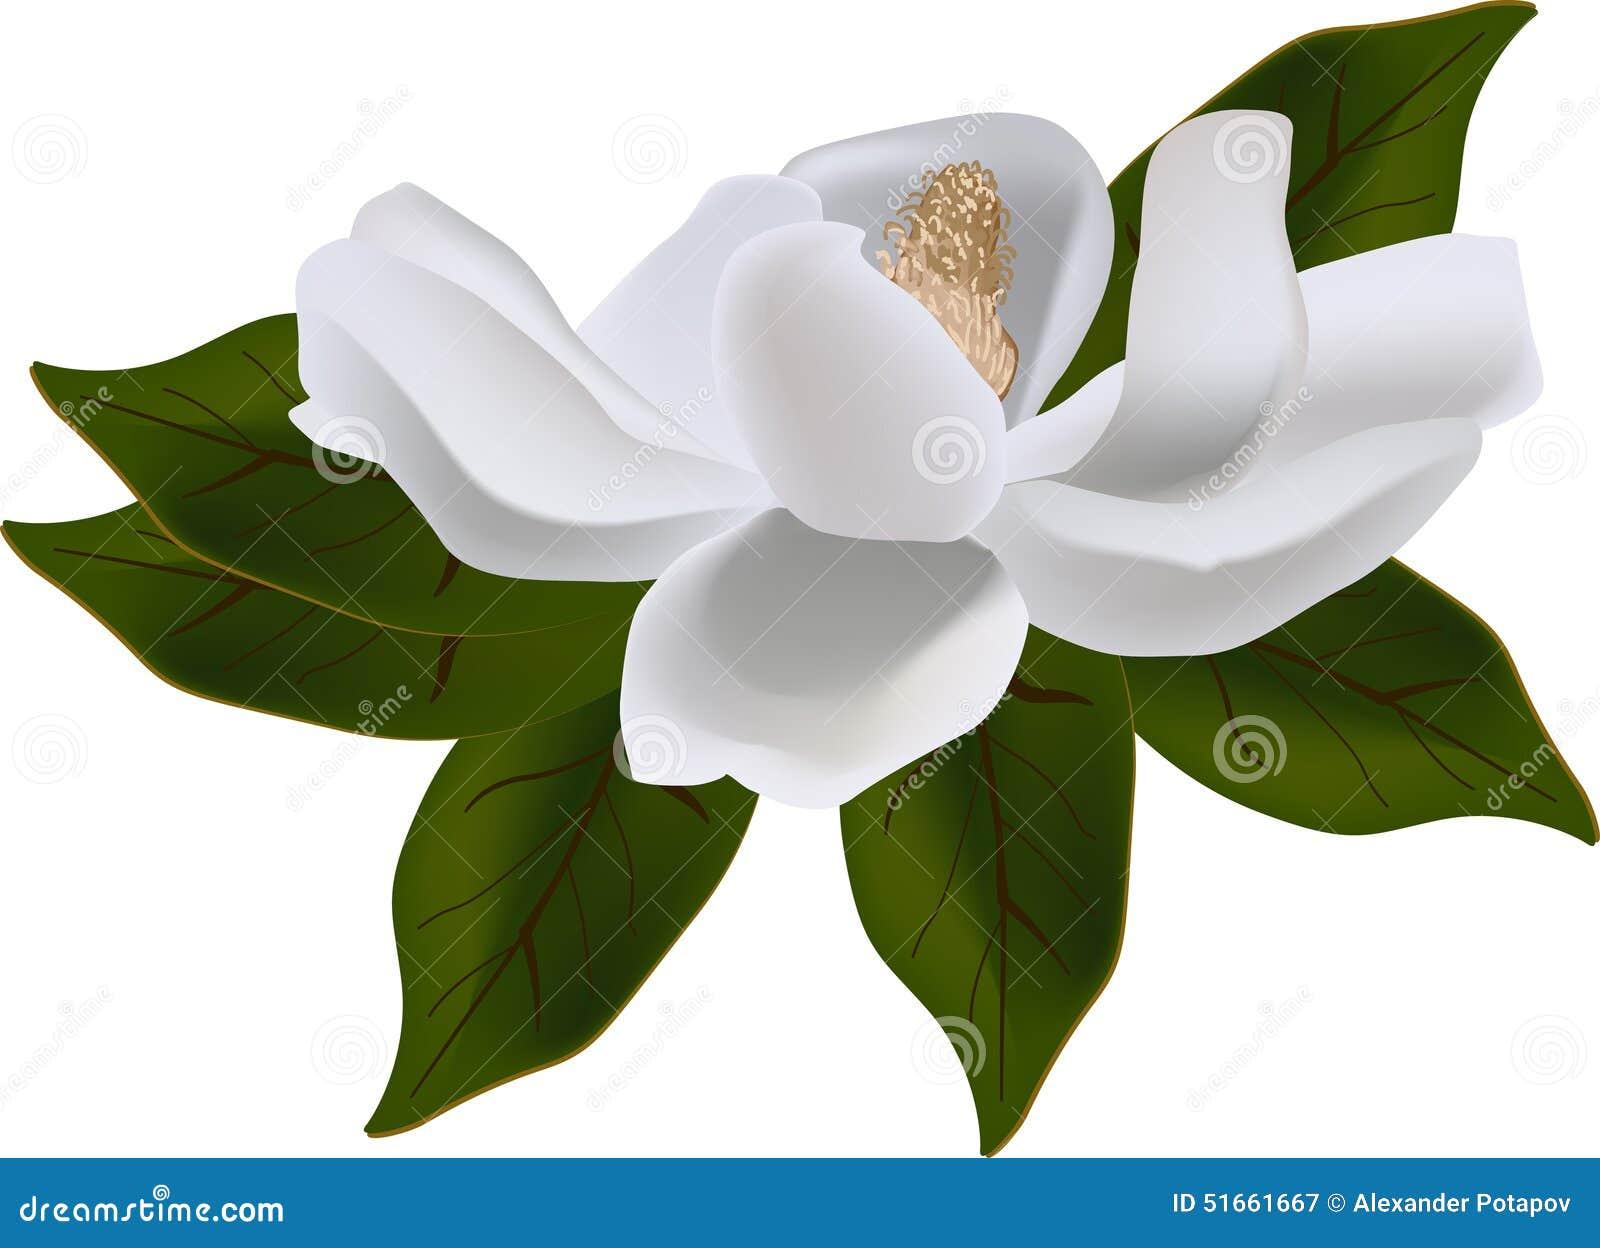 magnolia blossom clip art - photo #37